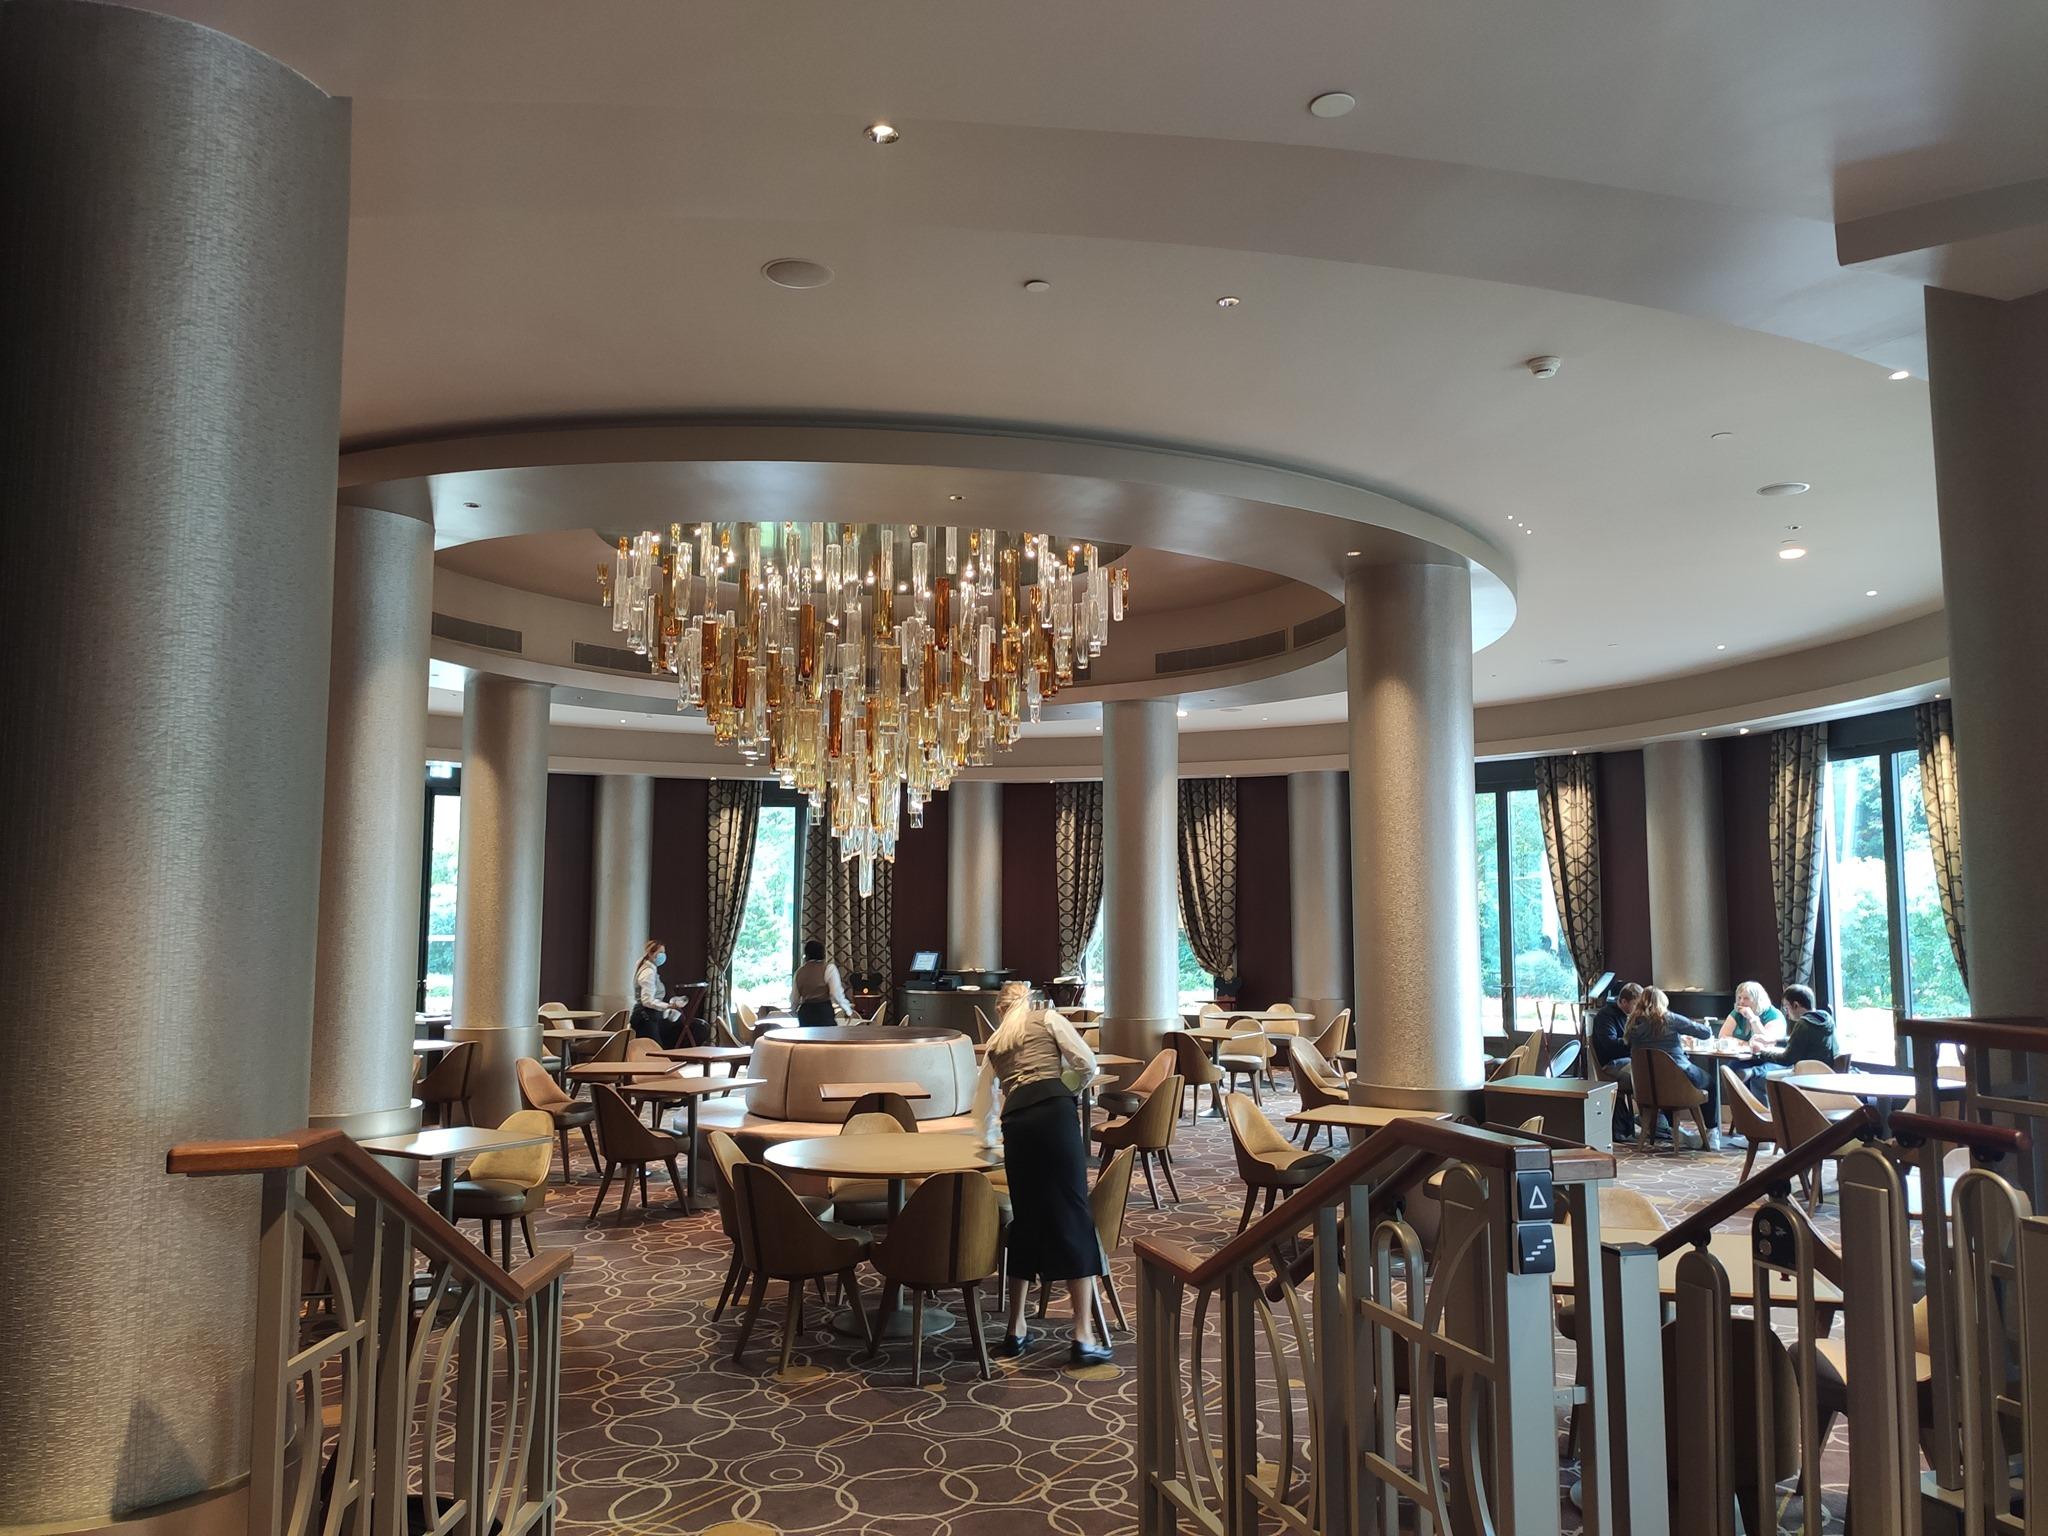 Manhattan Restaurant - Disney's Hotel New York - The Art of Marvel